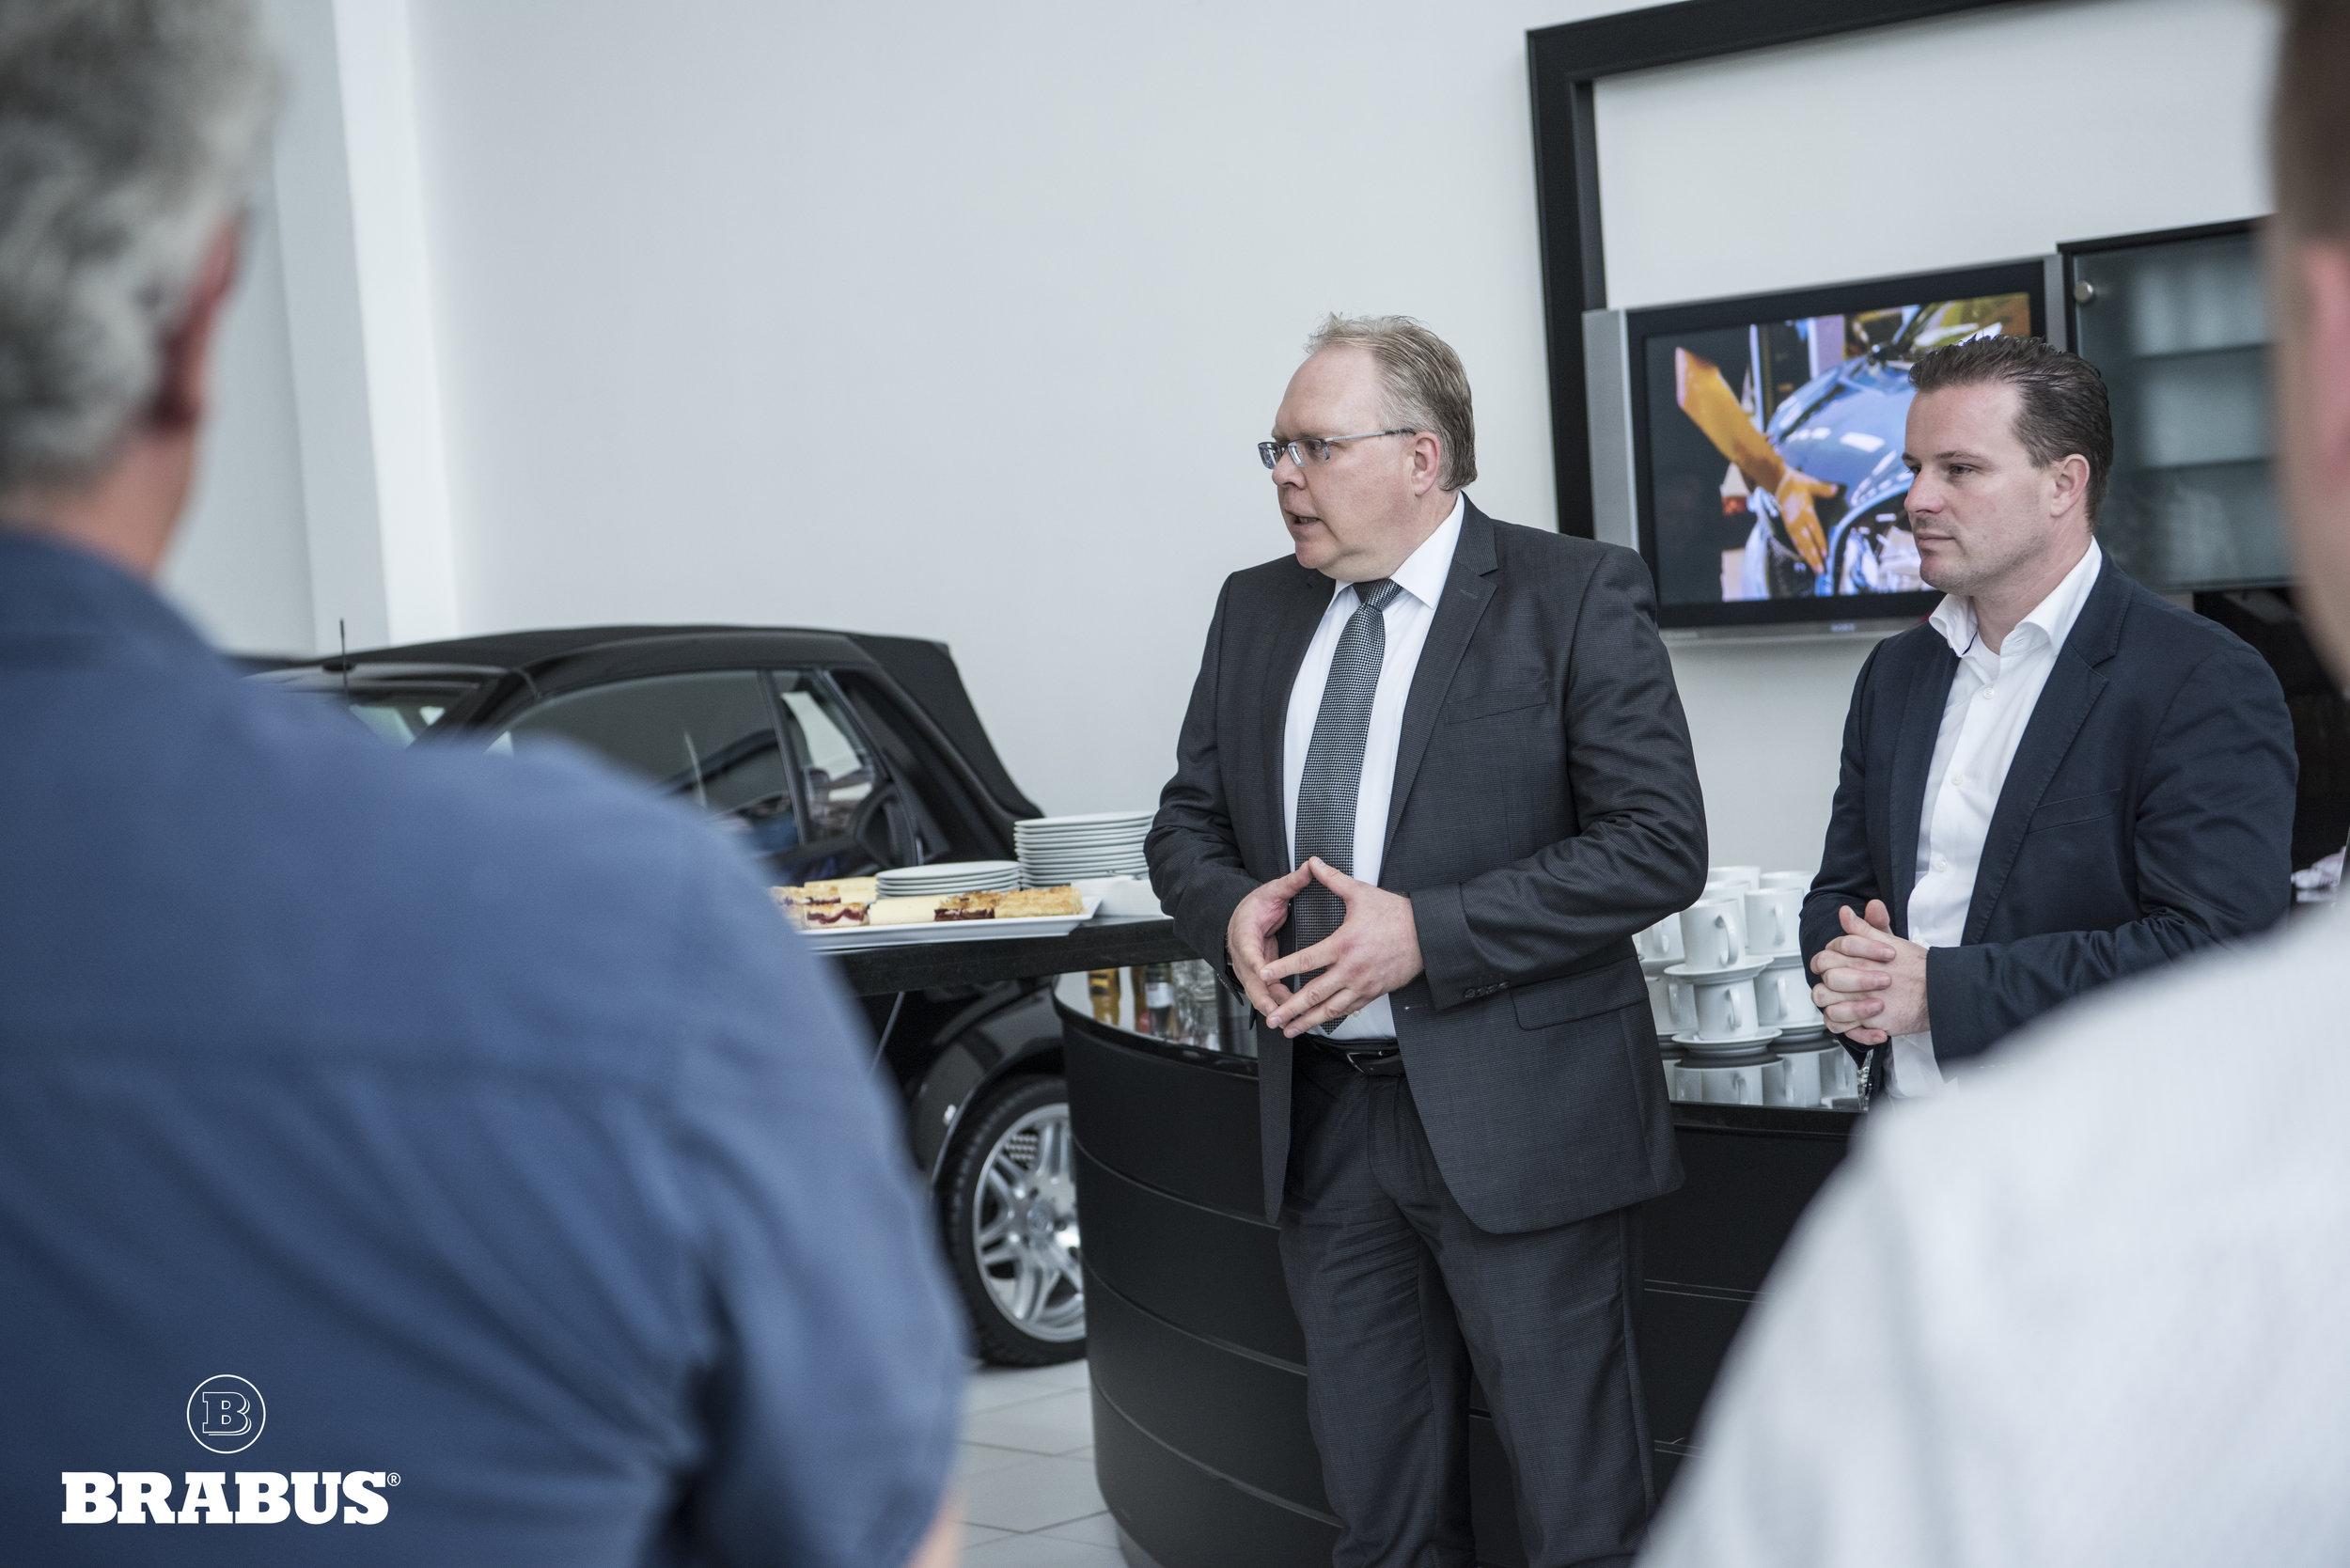 Herr Hoster Brabus Geschäftsführer Finance und HR, Marketing/Werbeleitung/ PR Sven Gramm